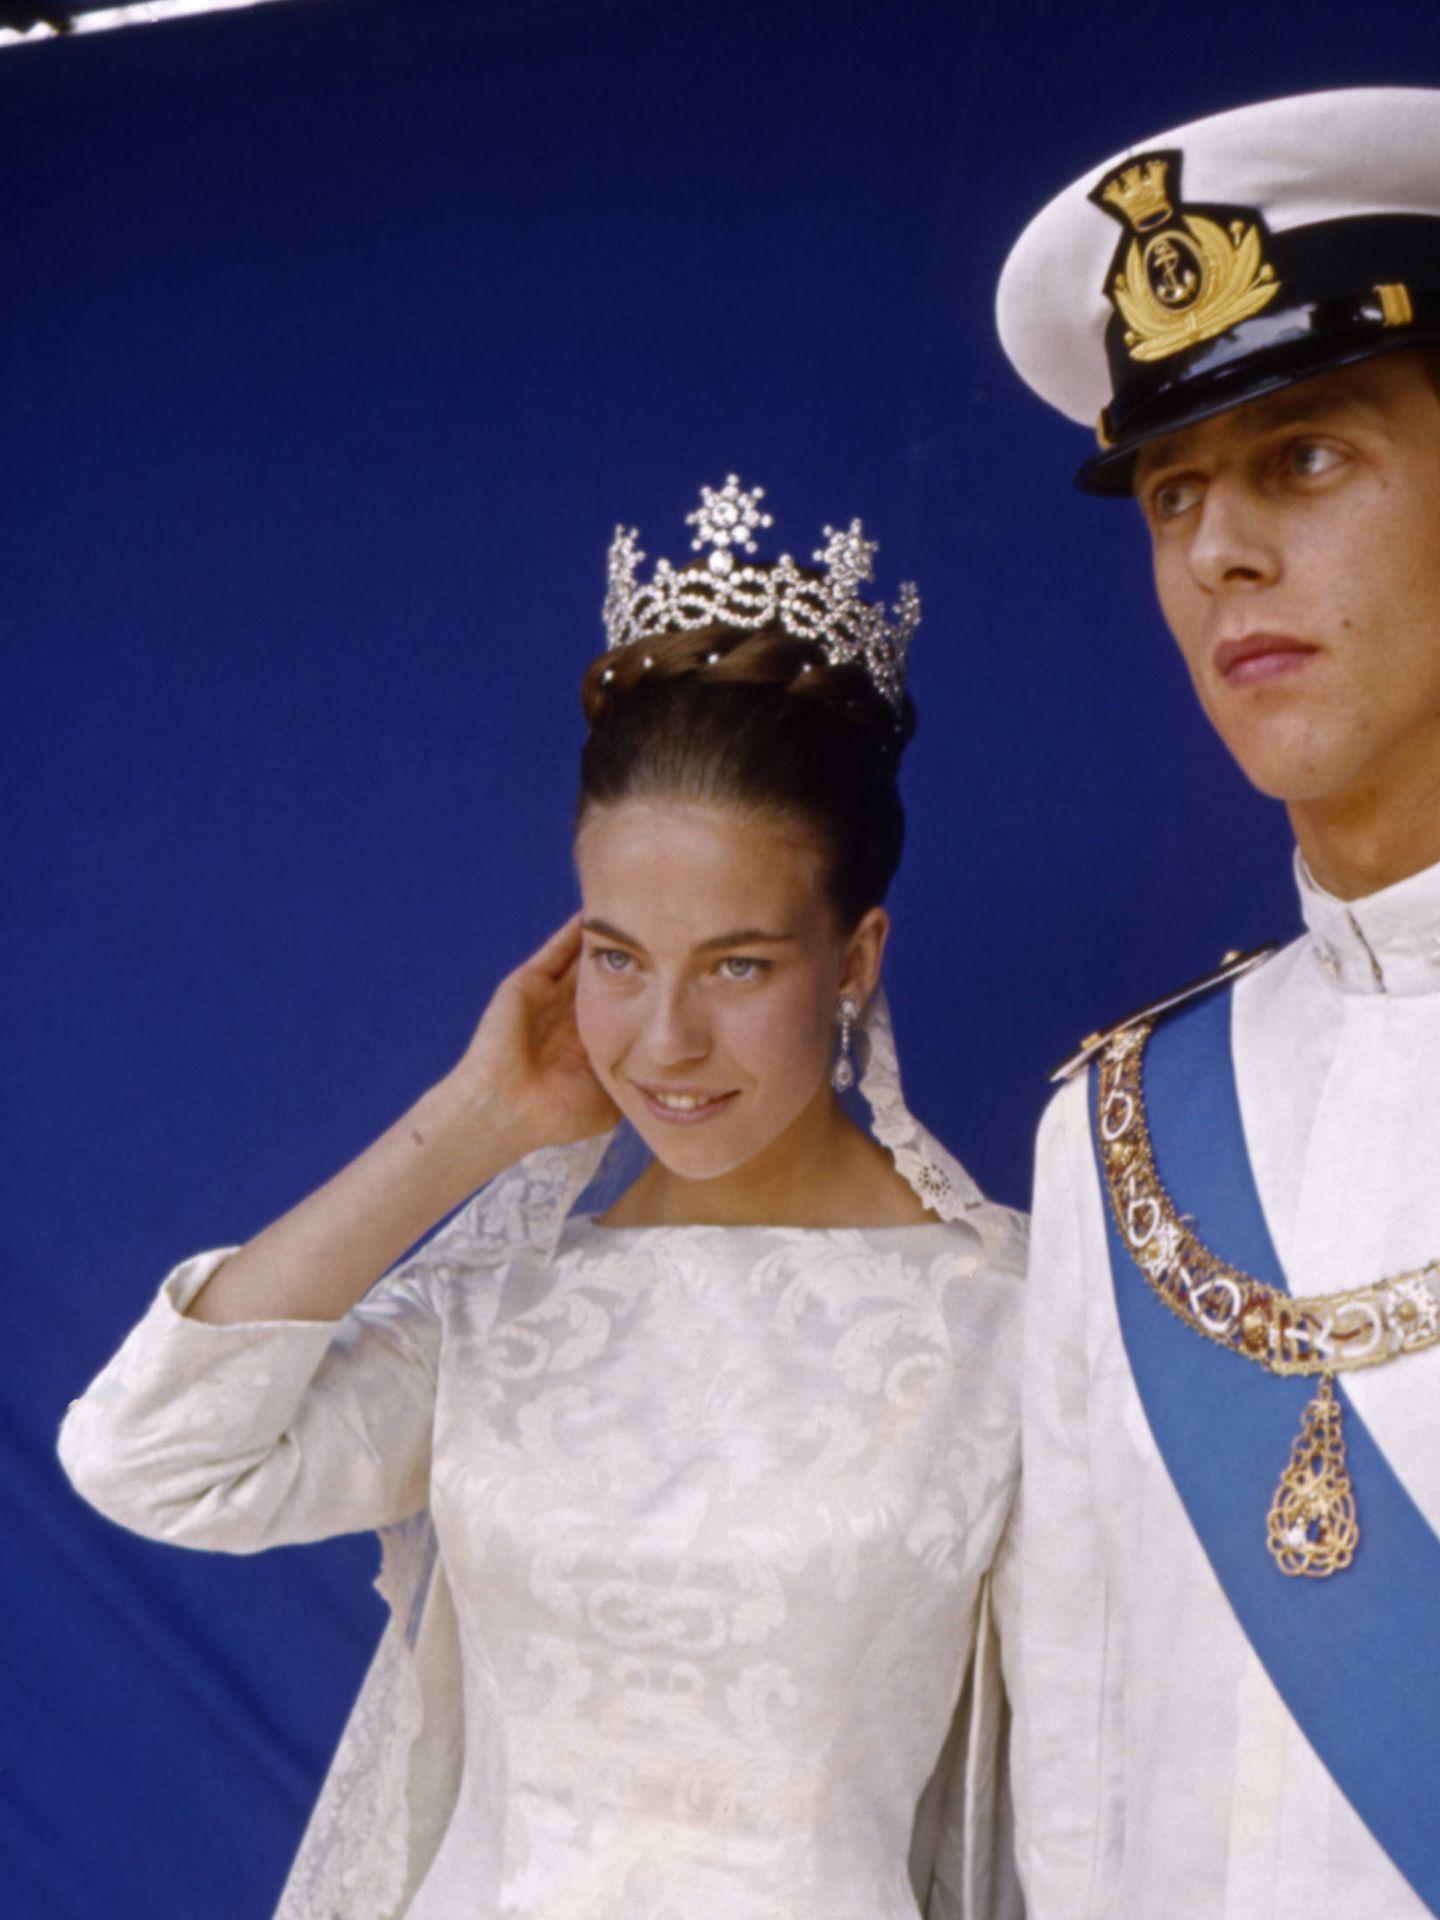 La boda de Amadeo y Claudia de Orleans. (Getty)